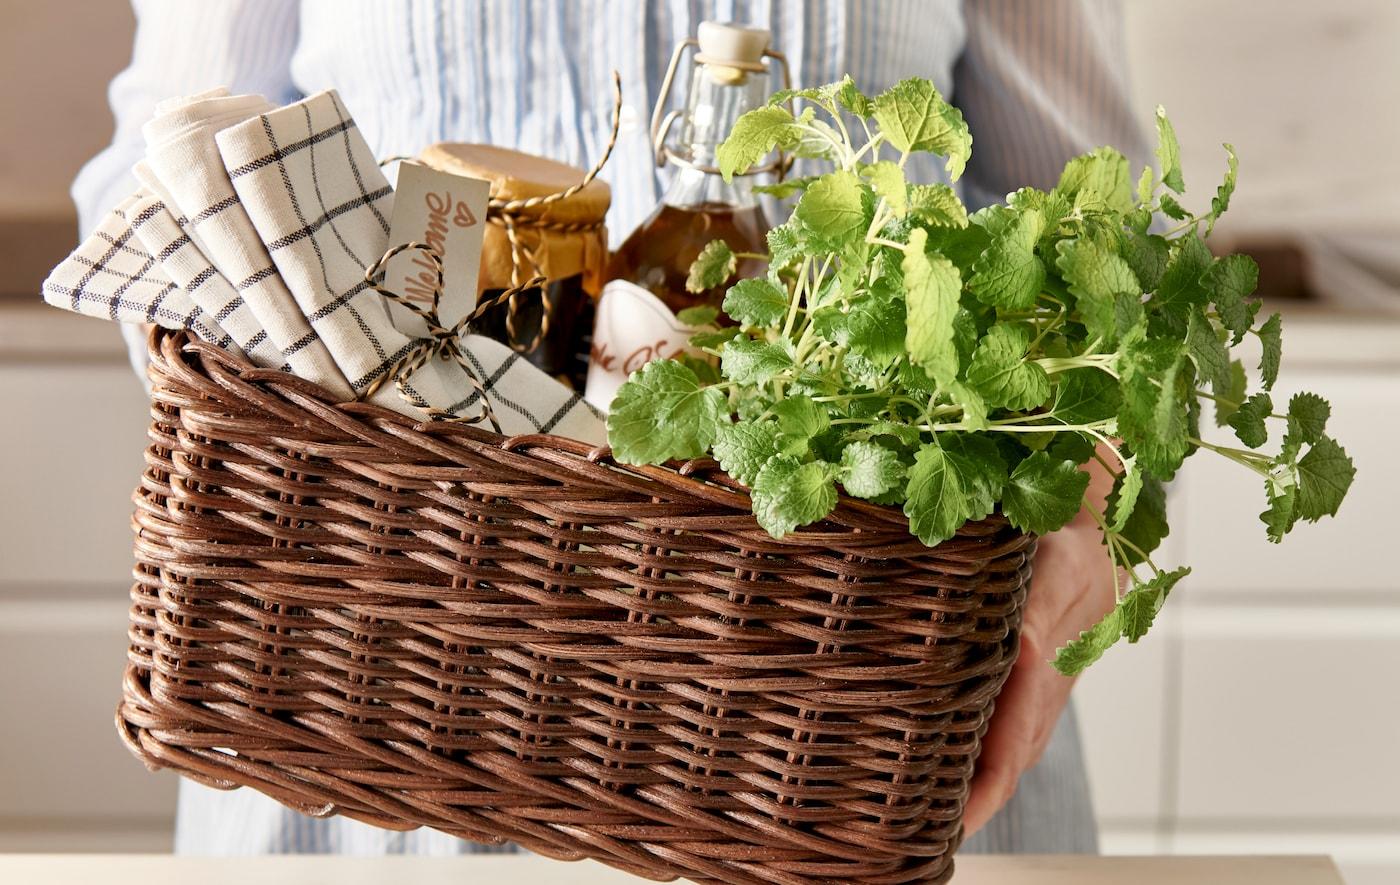 Hænder holder en GABBIG kurv med viskestykker med snor omkring, hjemmesyltede ting i glas og friske krydderurter.